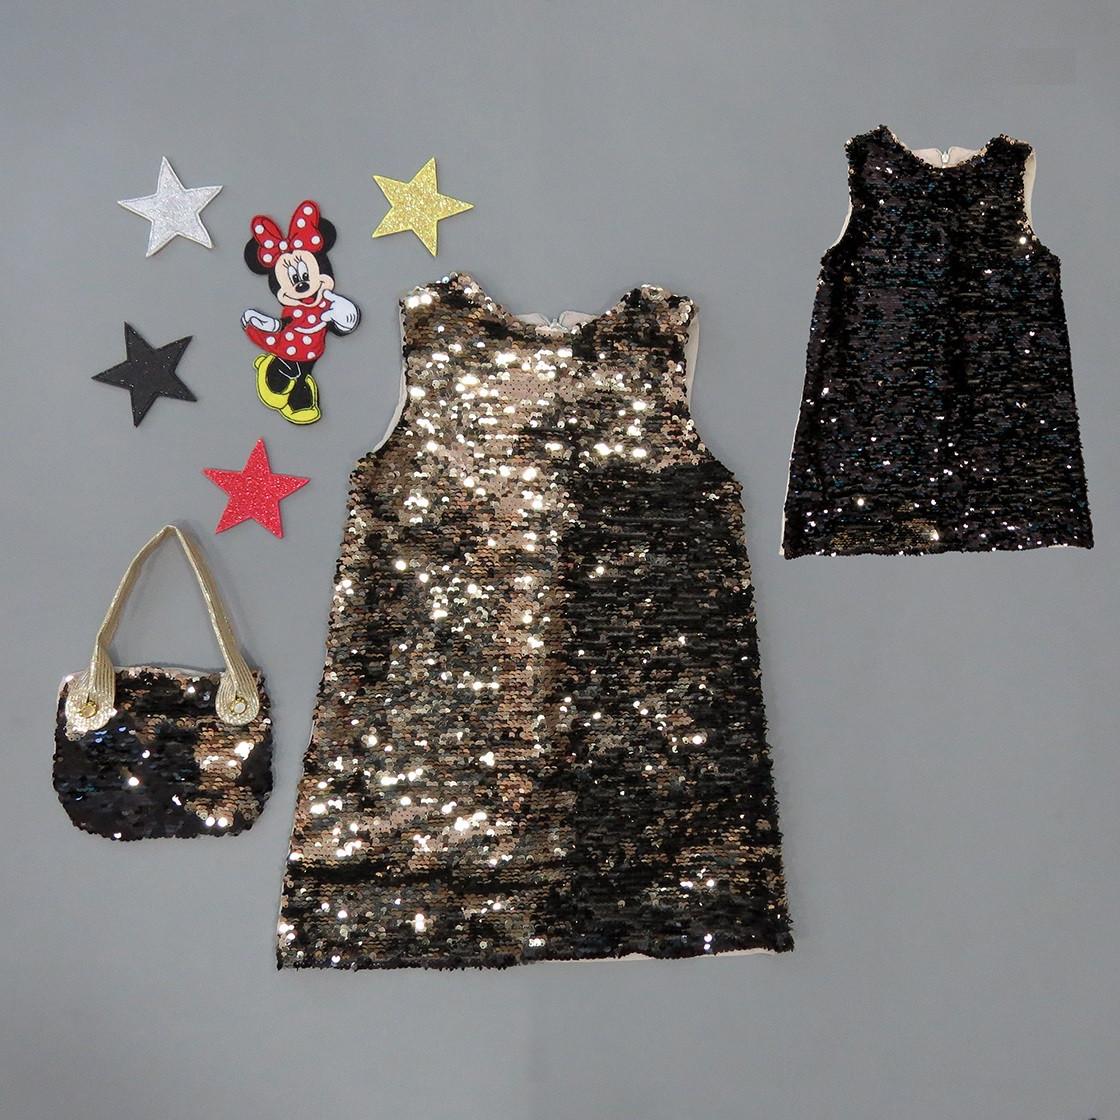 Нарядное платье для девочки с сумочкой. Двустронние пайетки.